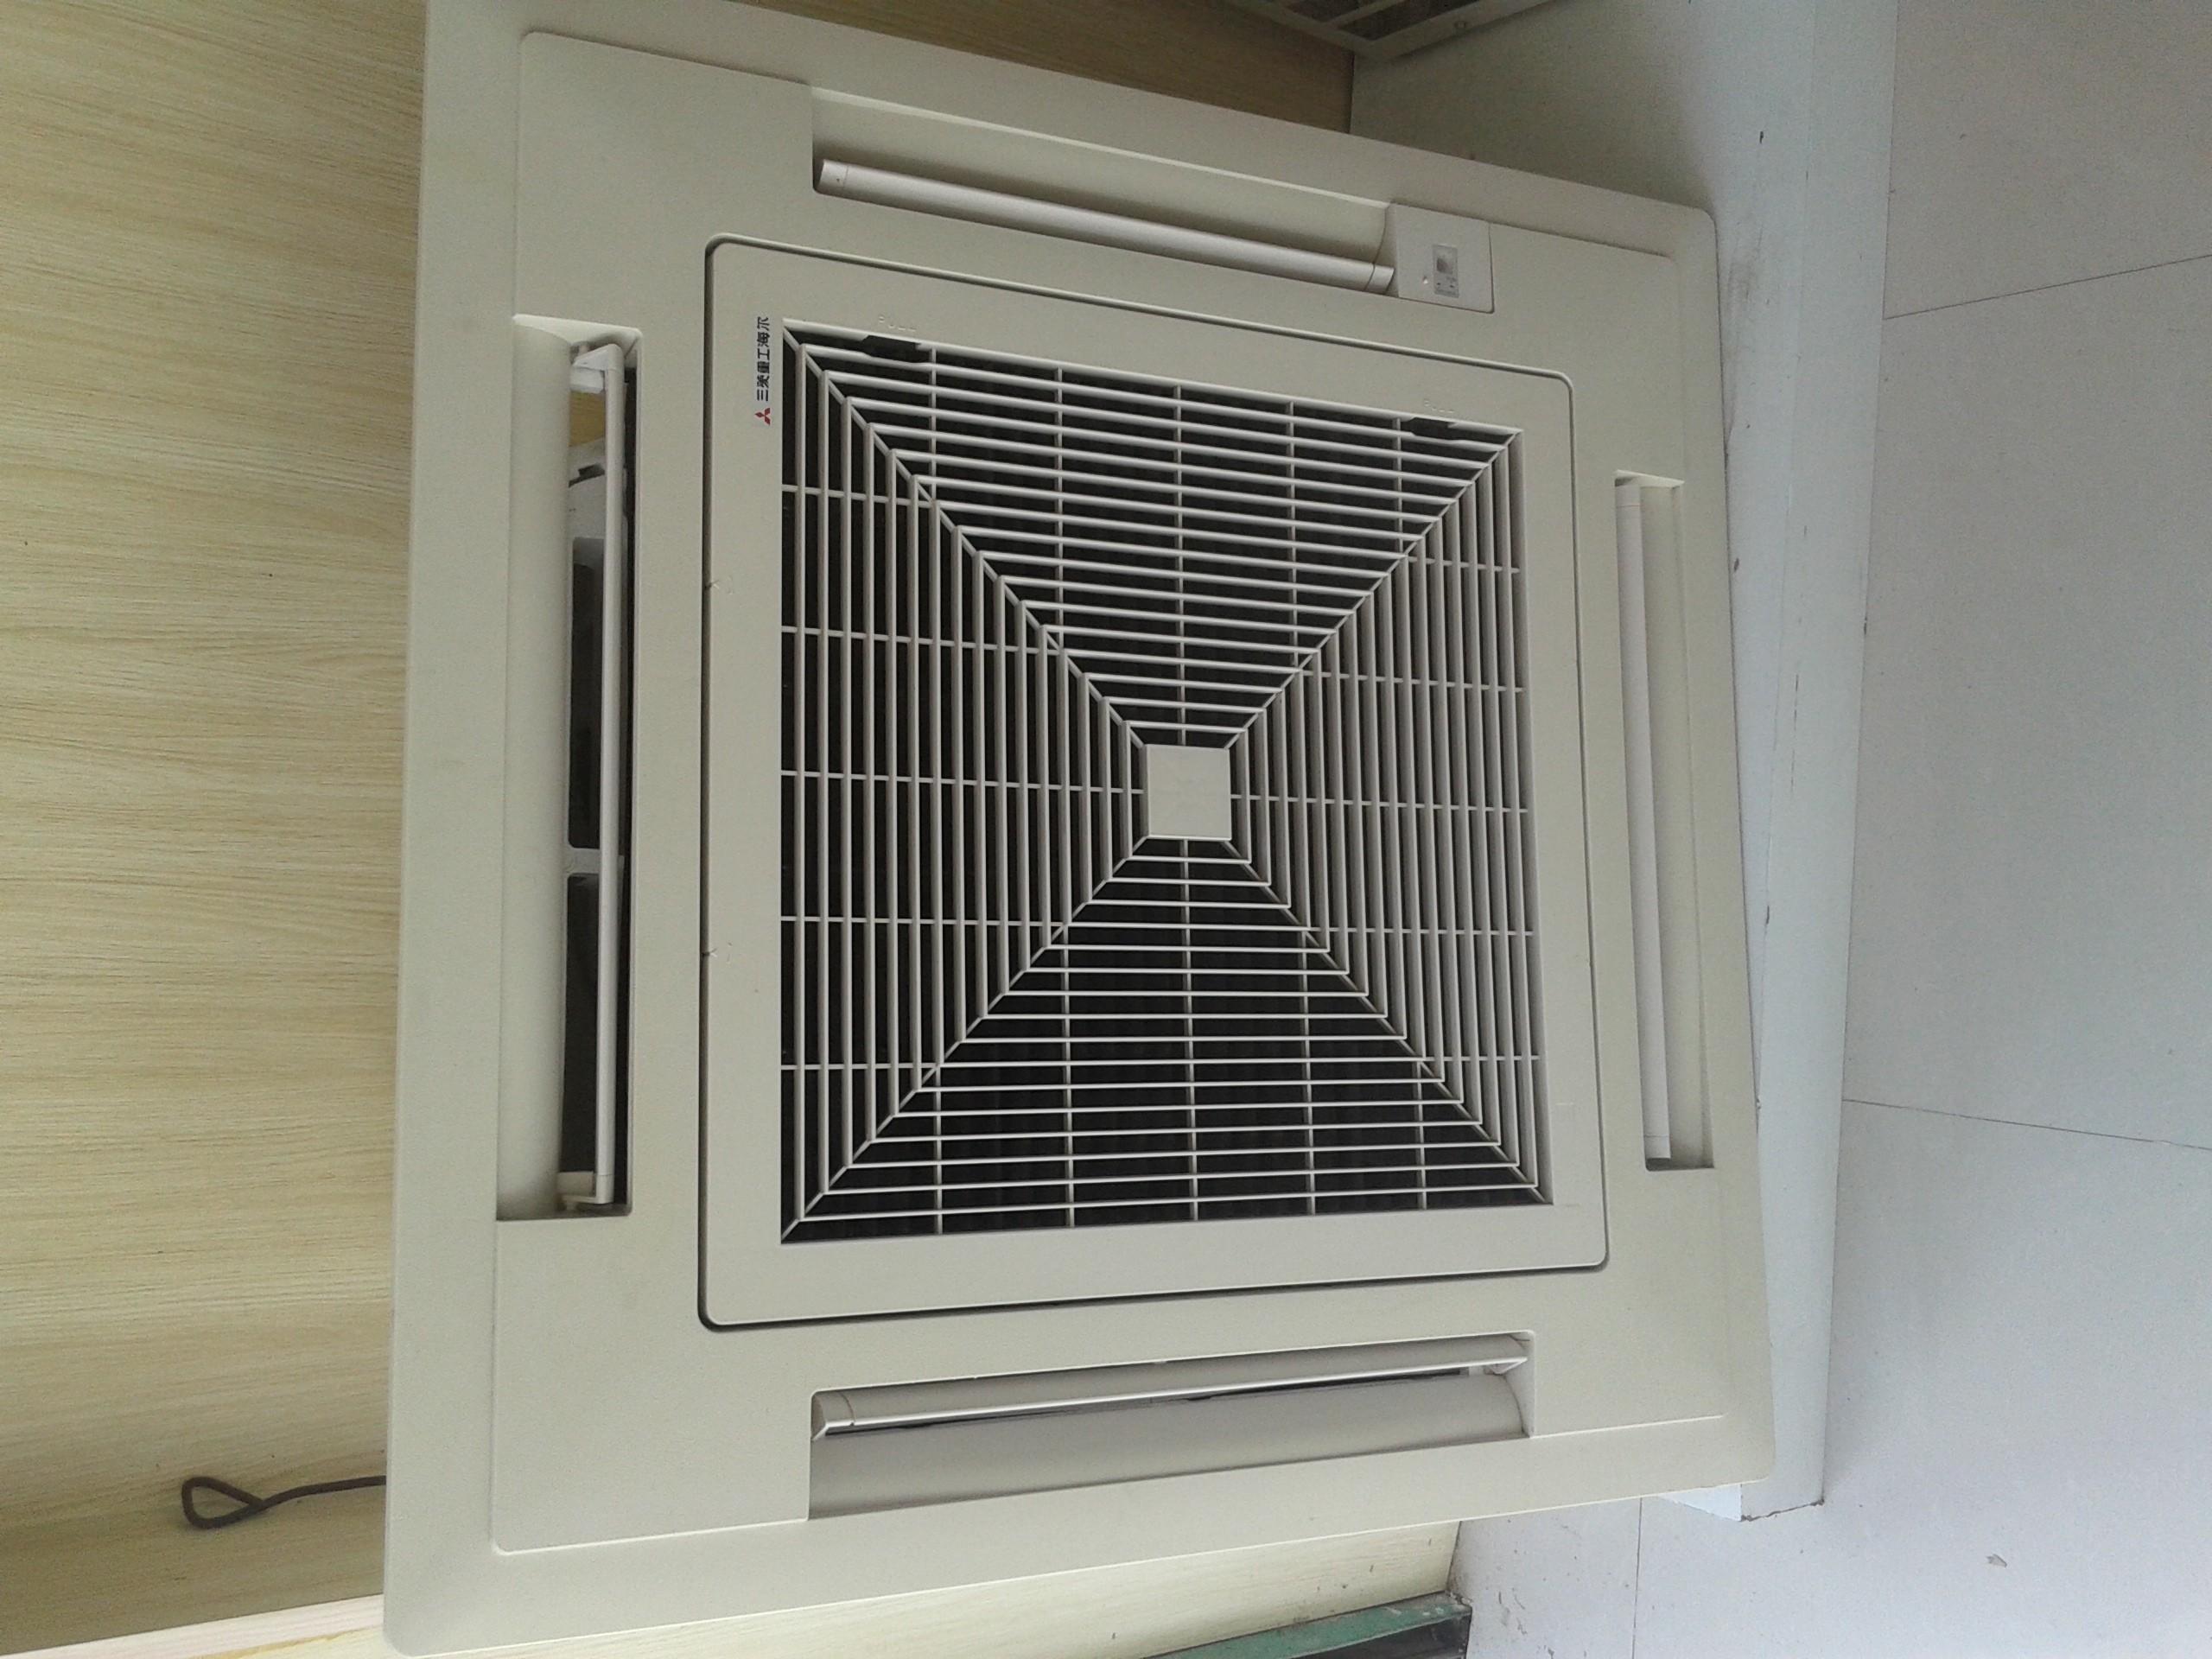 武汉中央空调维修—武汉中央空调故障及维修方法介绍